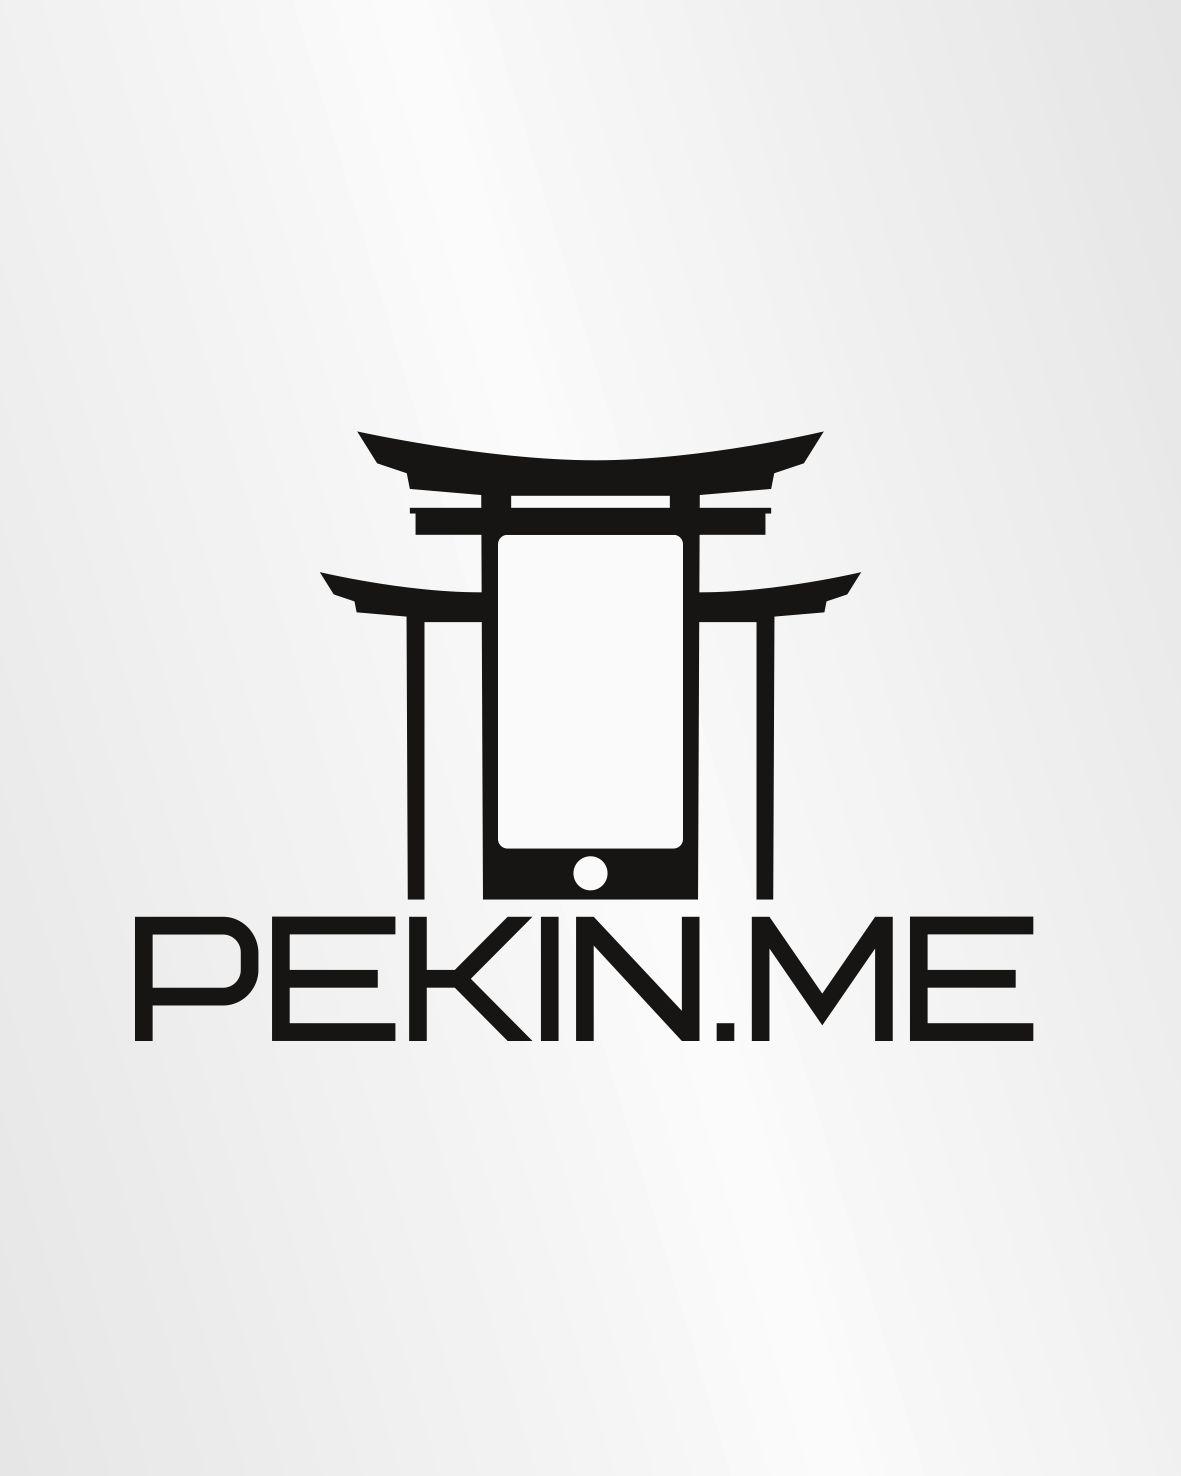 Логотип для компании pekin.me - дизайнер Krupicki